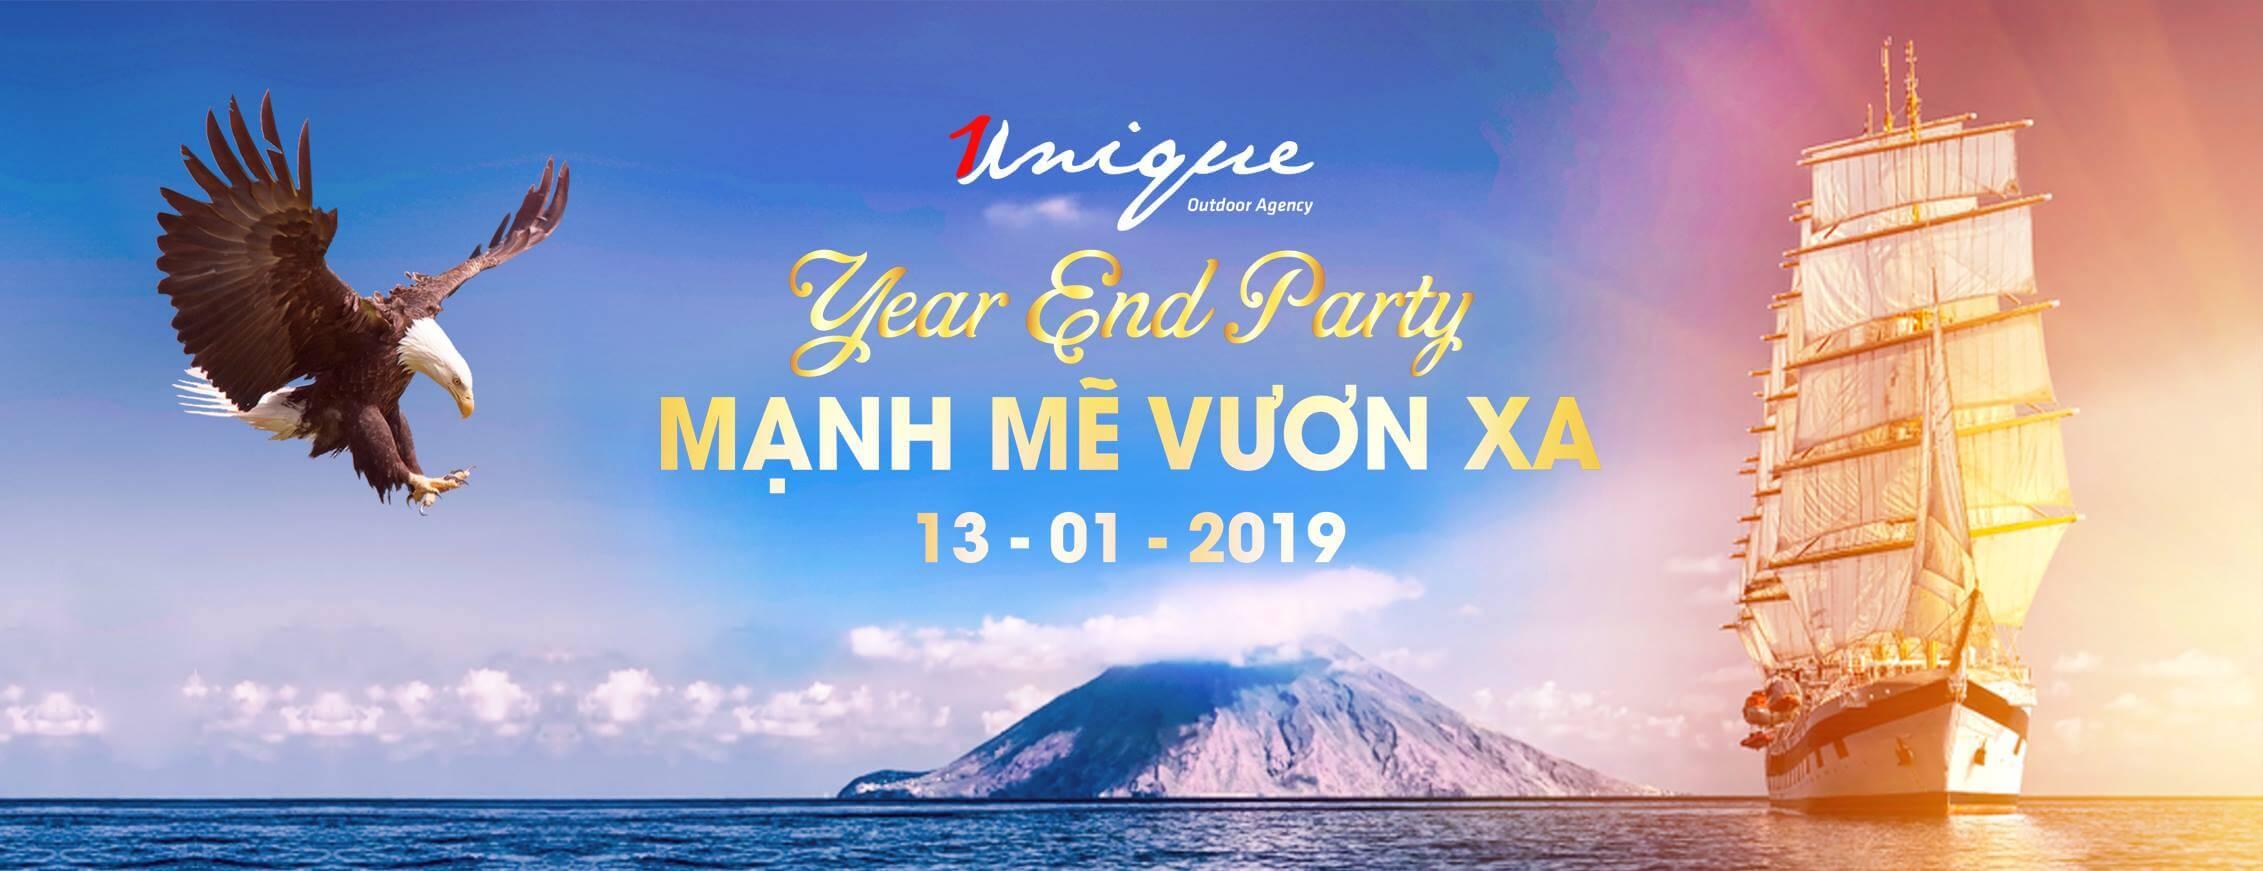 Unique Year End Party 2018